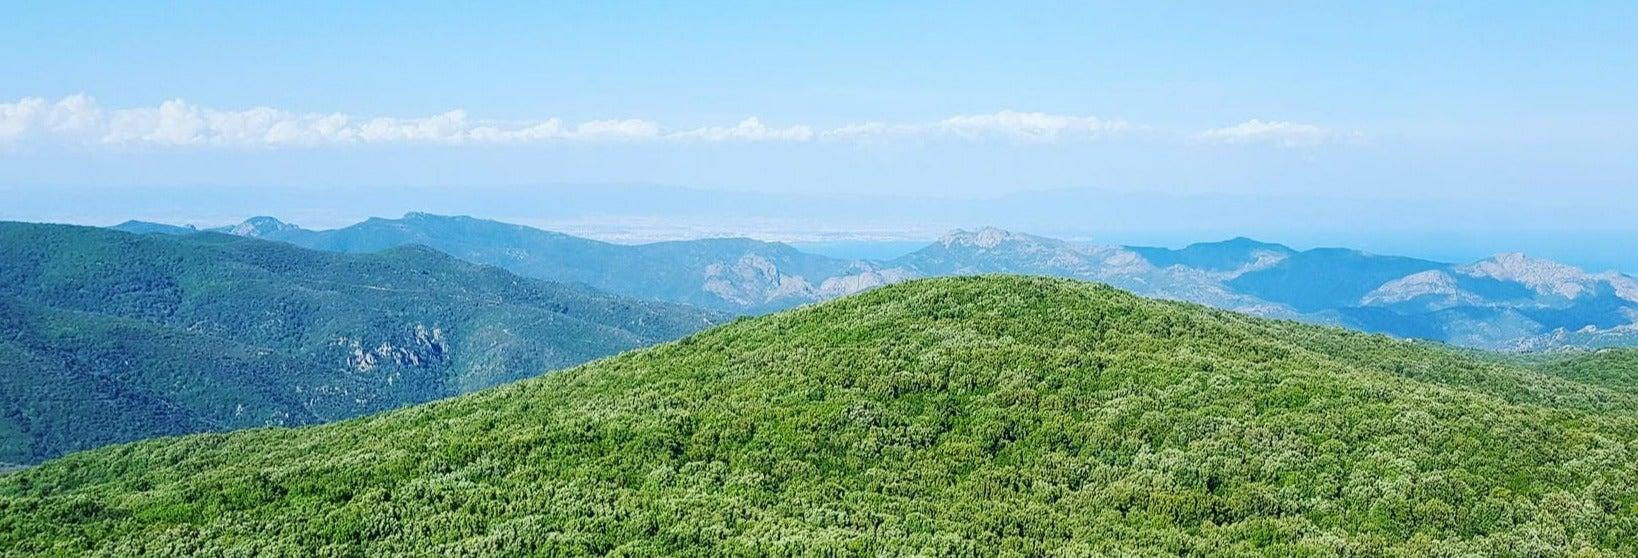 Excursion aux nuraghes de Sardaigne